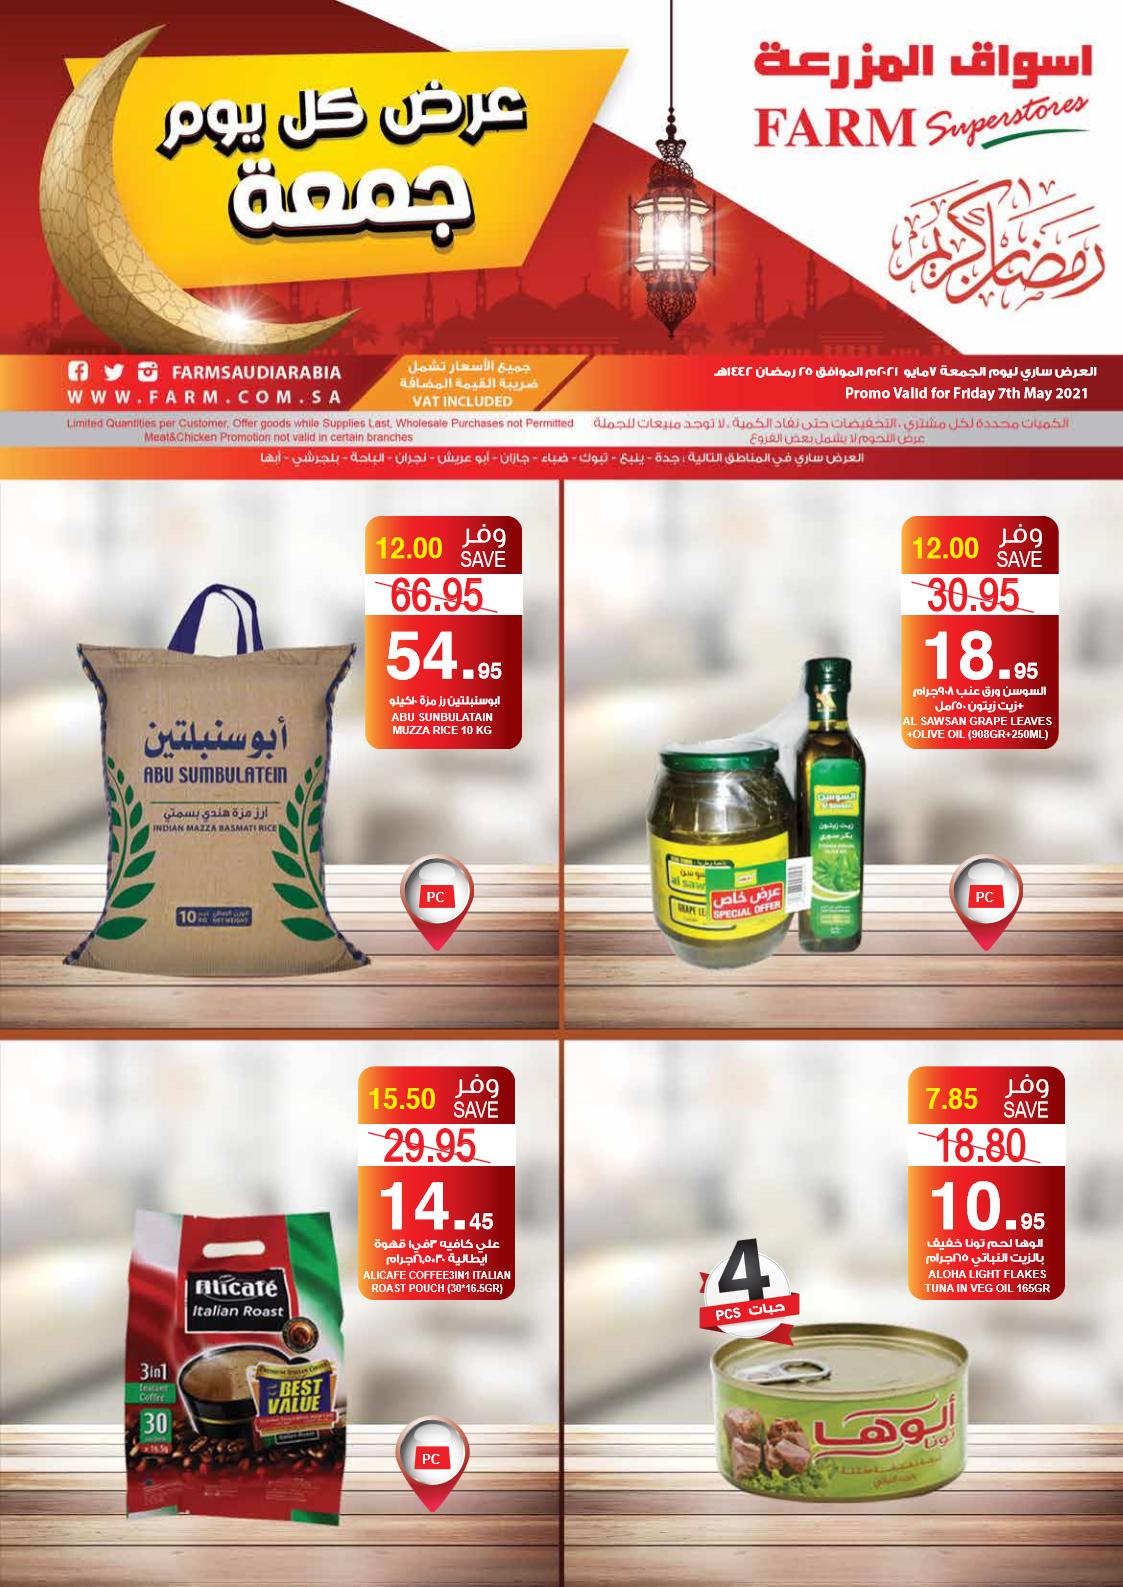 عروض اسواق المزرعة جدة و الجنوبية اليوم الجمعة 7 مايو 2021 سوق الجمعة